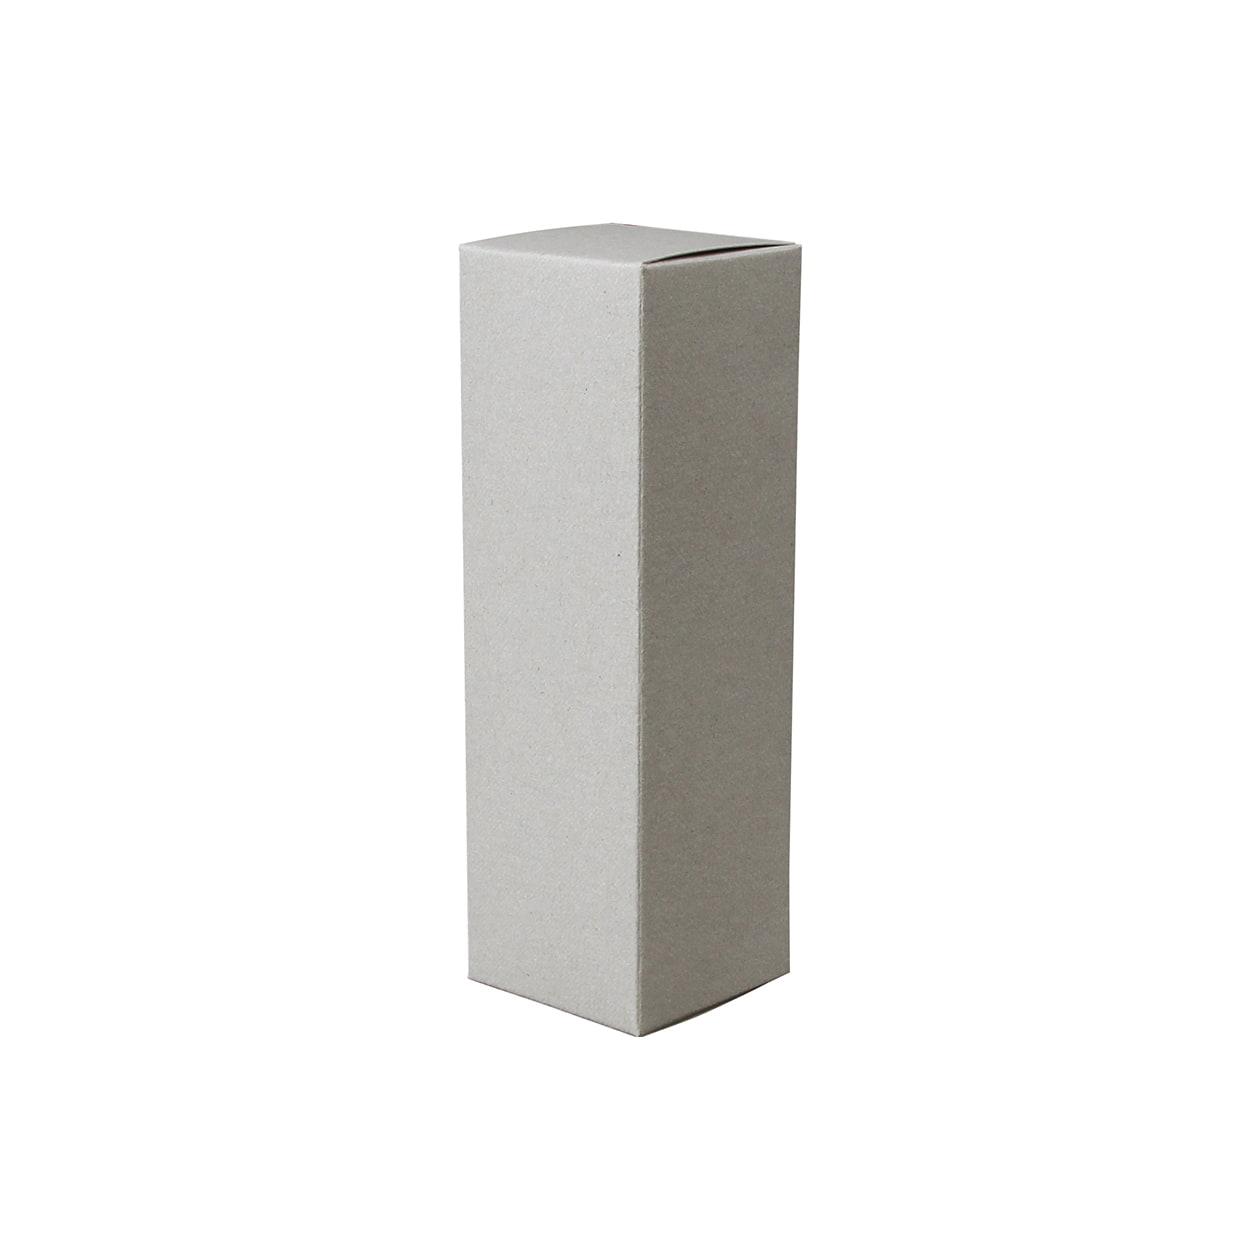 キャラメル箱40×40×130